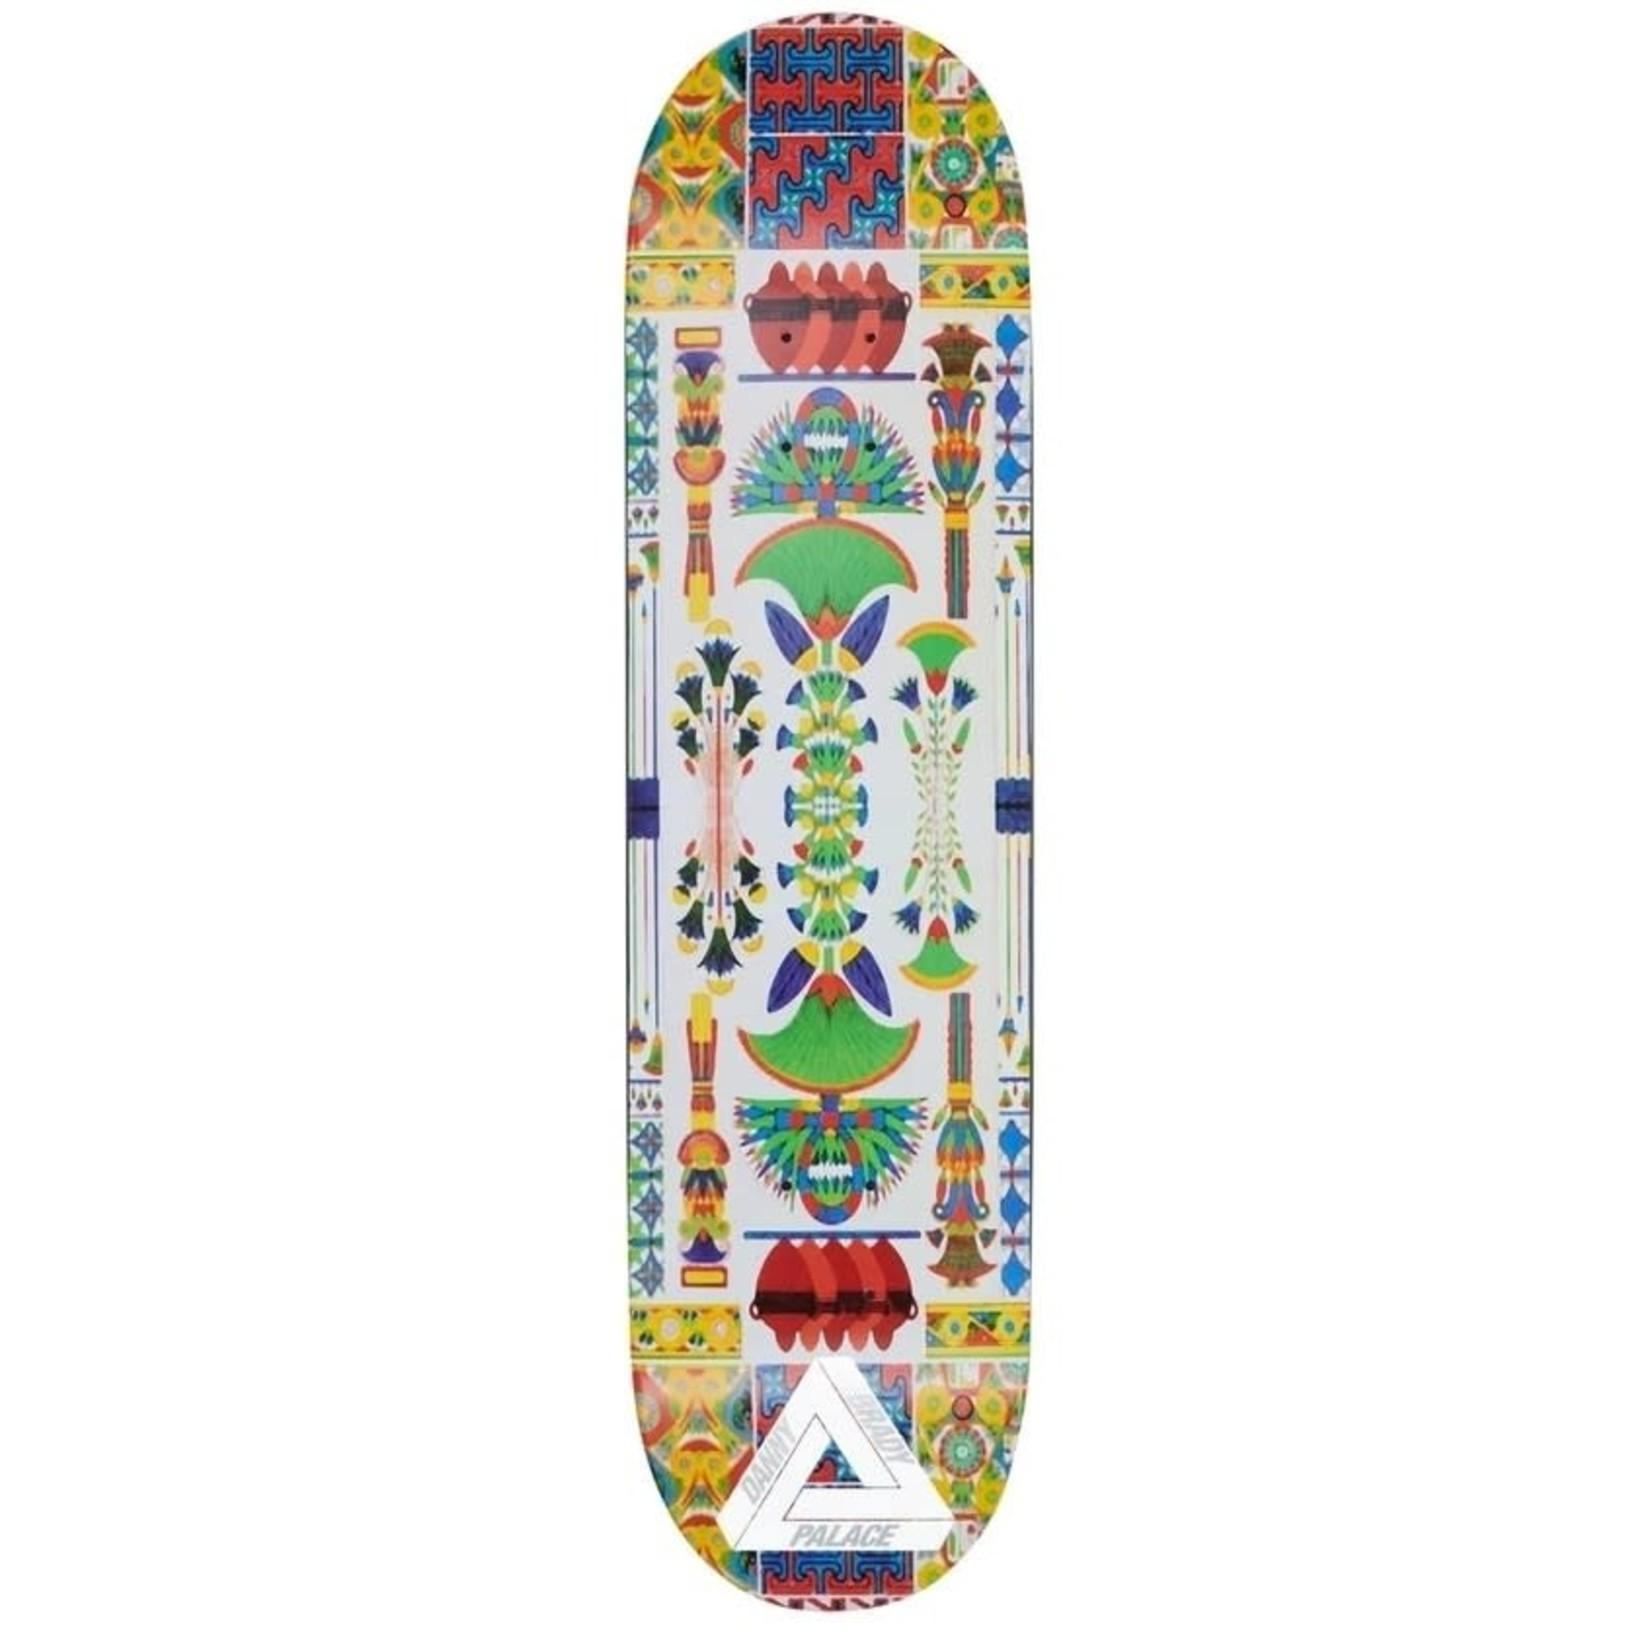 Palace Palace Brady Pro S25 Deck, Multi, 8.0